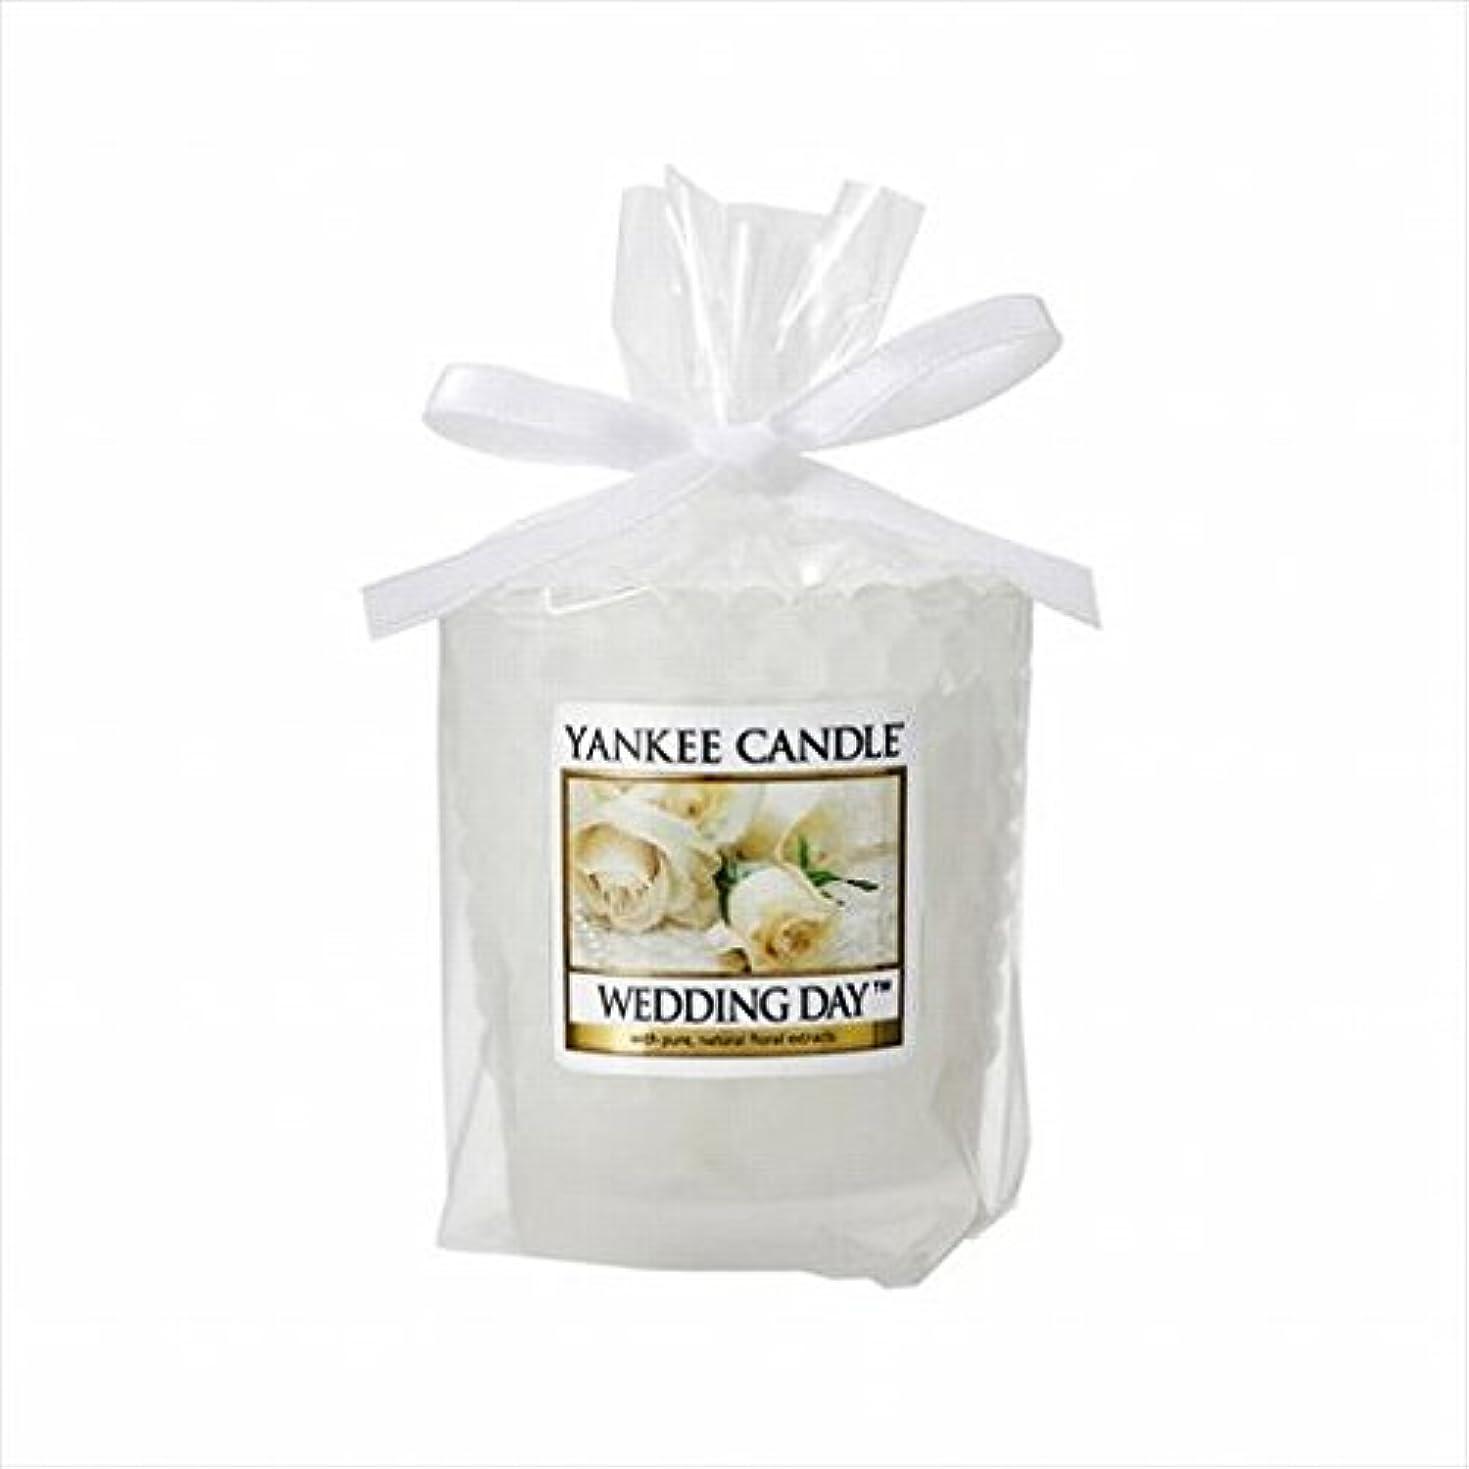 メンタリティ活力配管カメヤマキャンドル(kameyama candle) YANKEE CANDLE サンプラーギフト 「 ウェディングデイ 」 6個セット